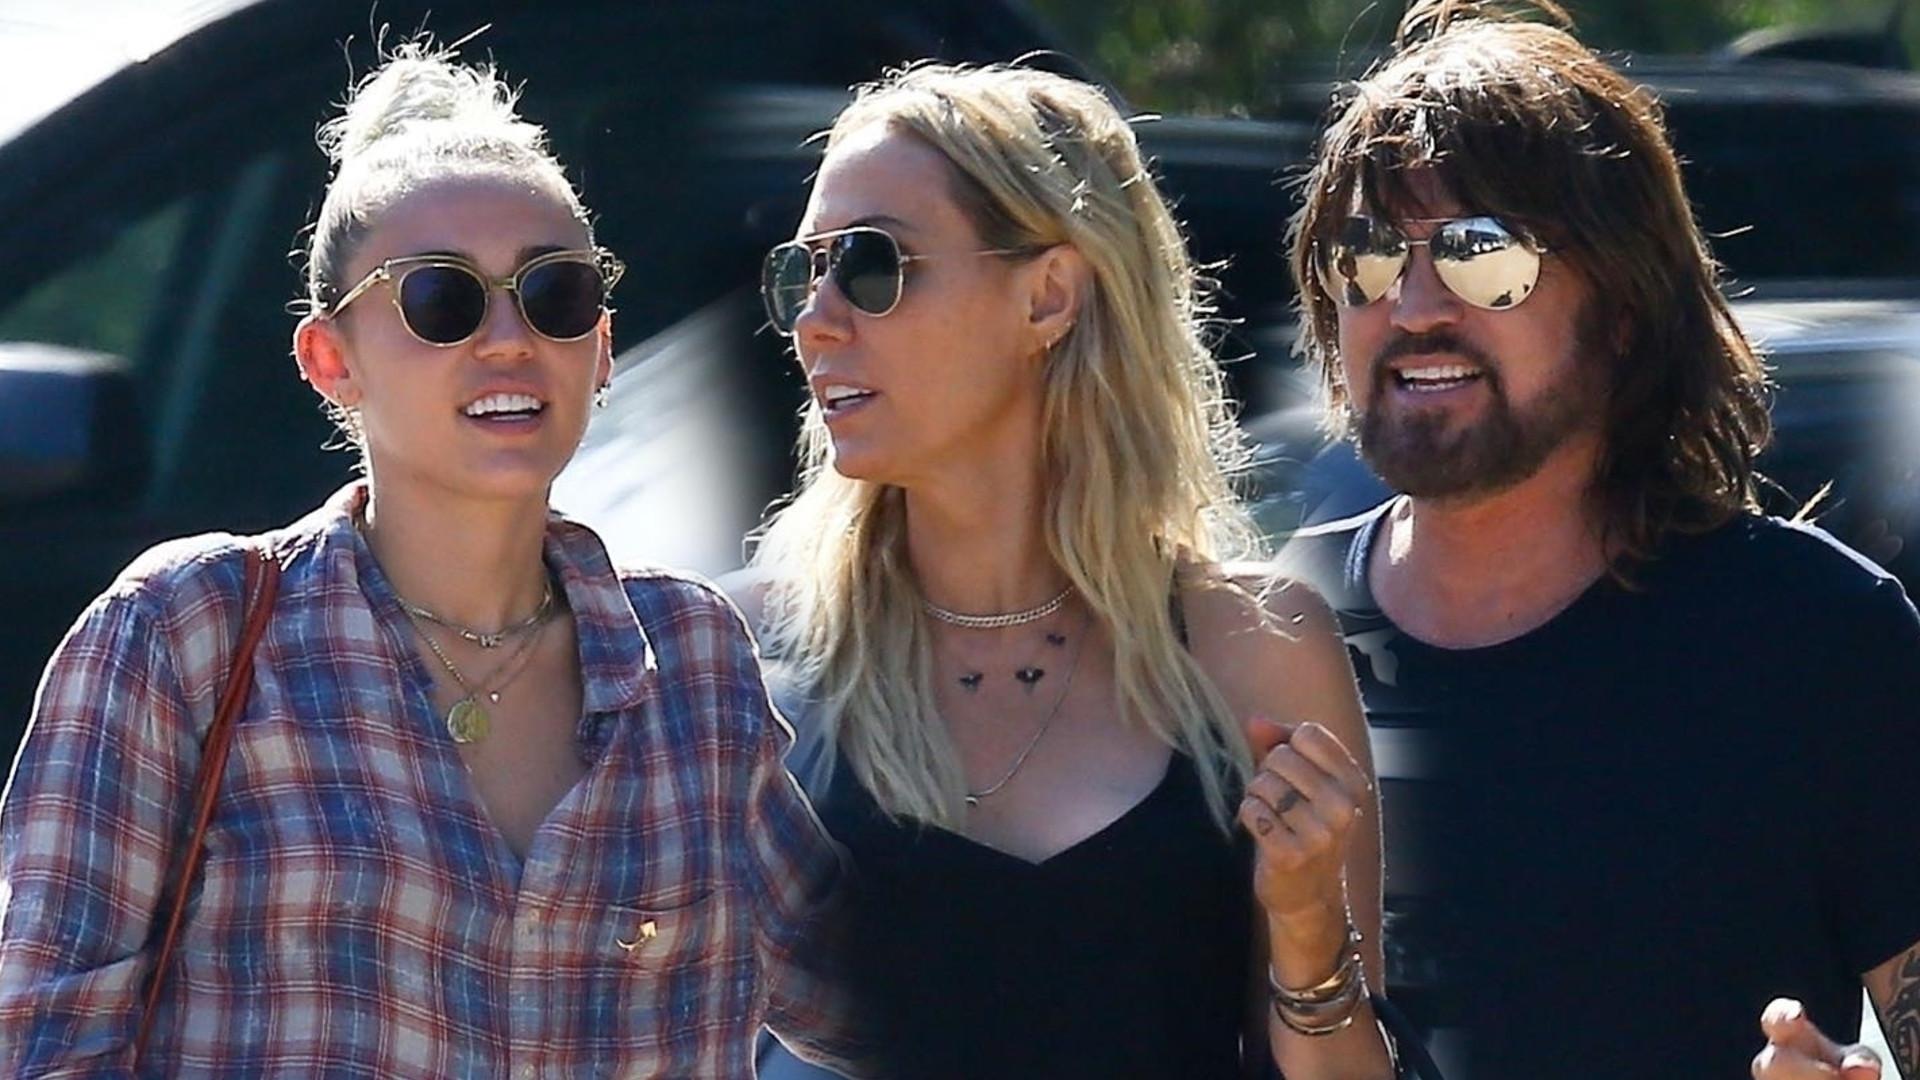 Rodzice Miley Cyrus pokazali więcej zdjęć z wesela córki